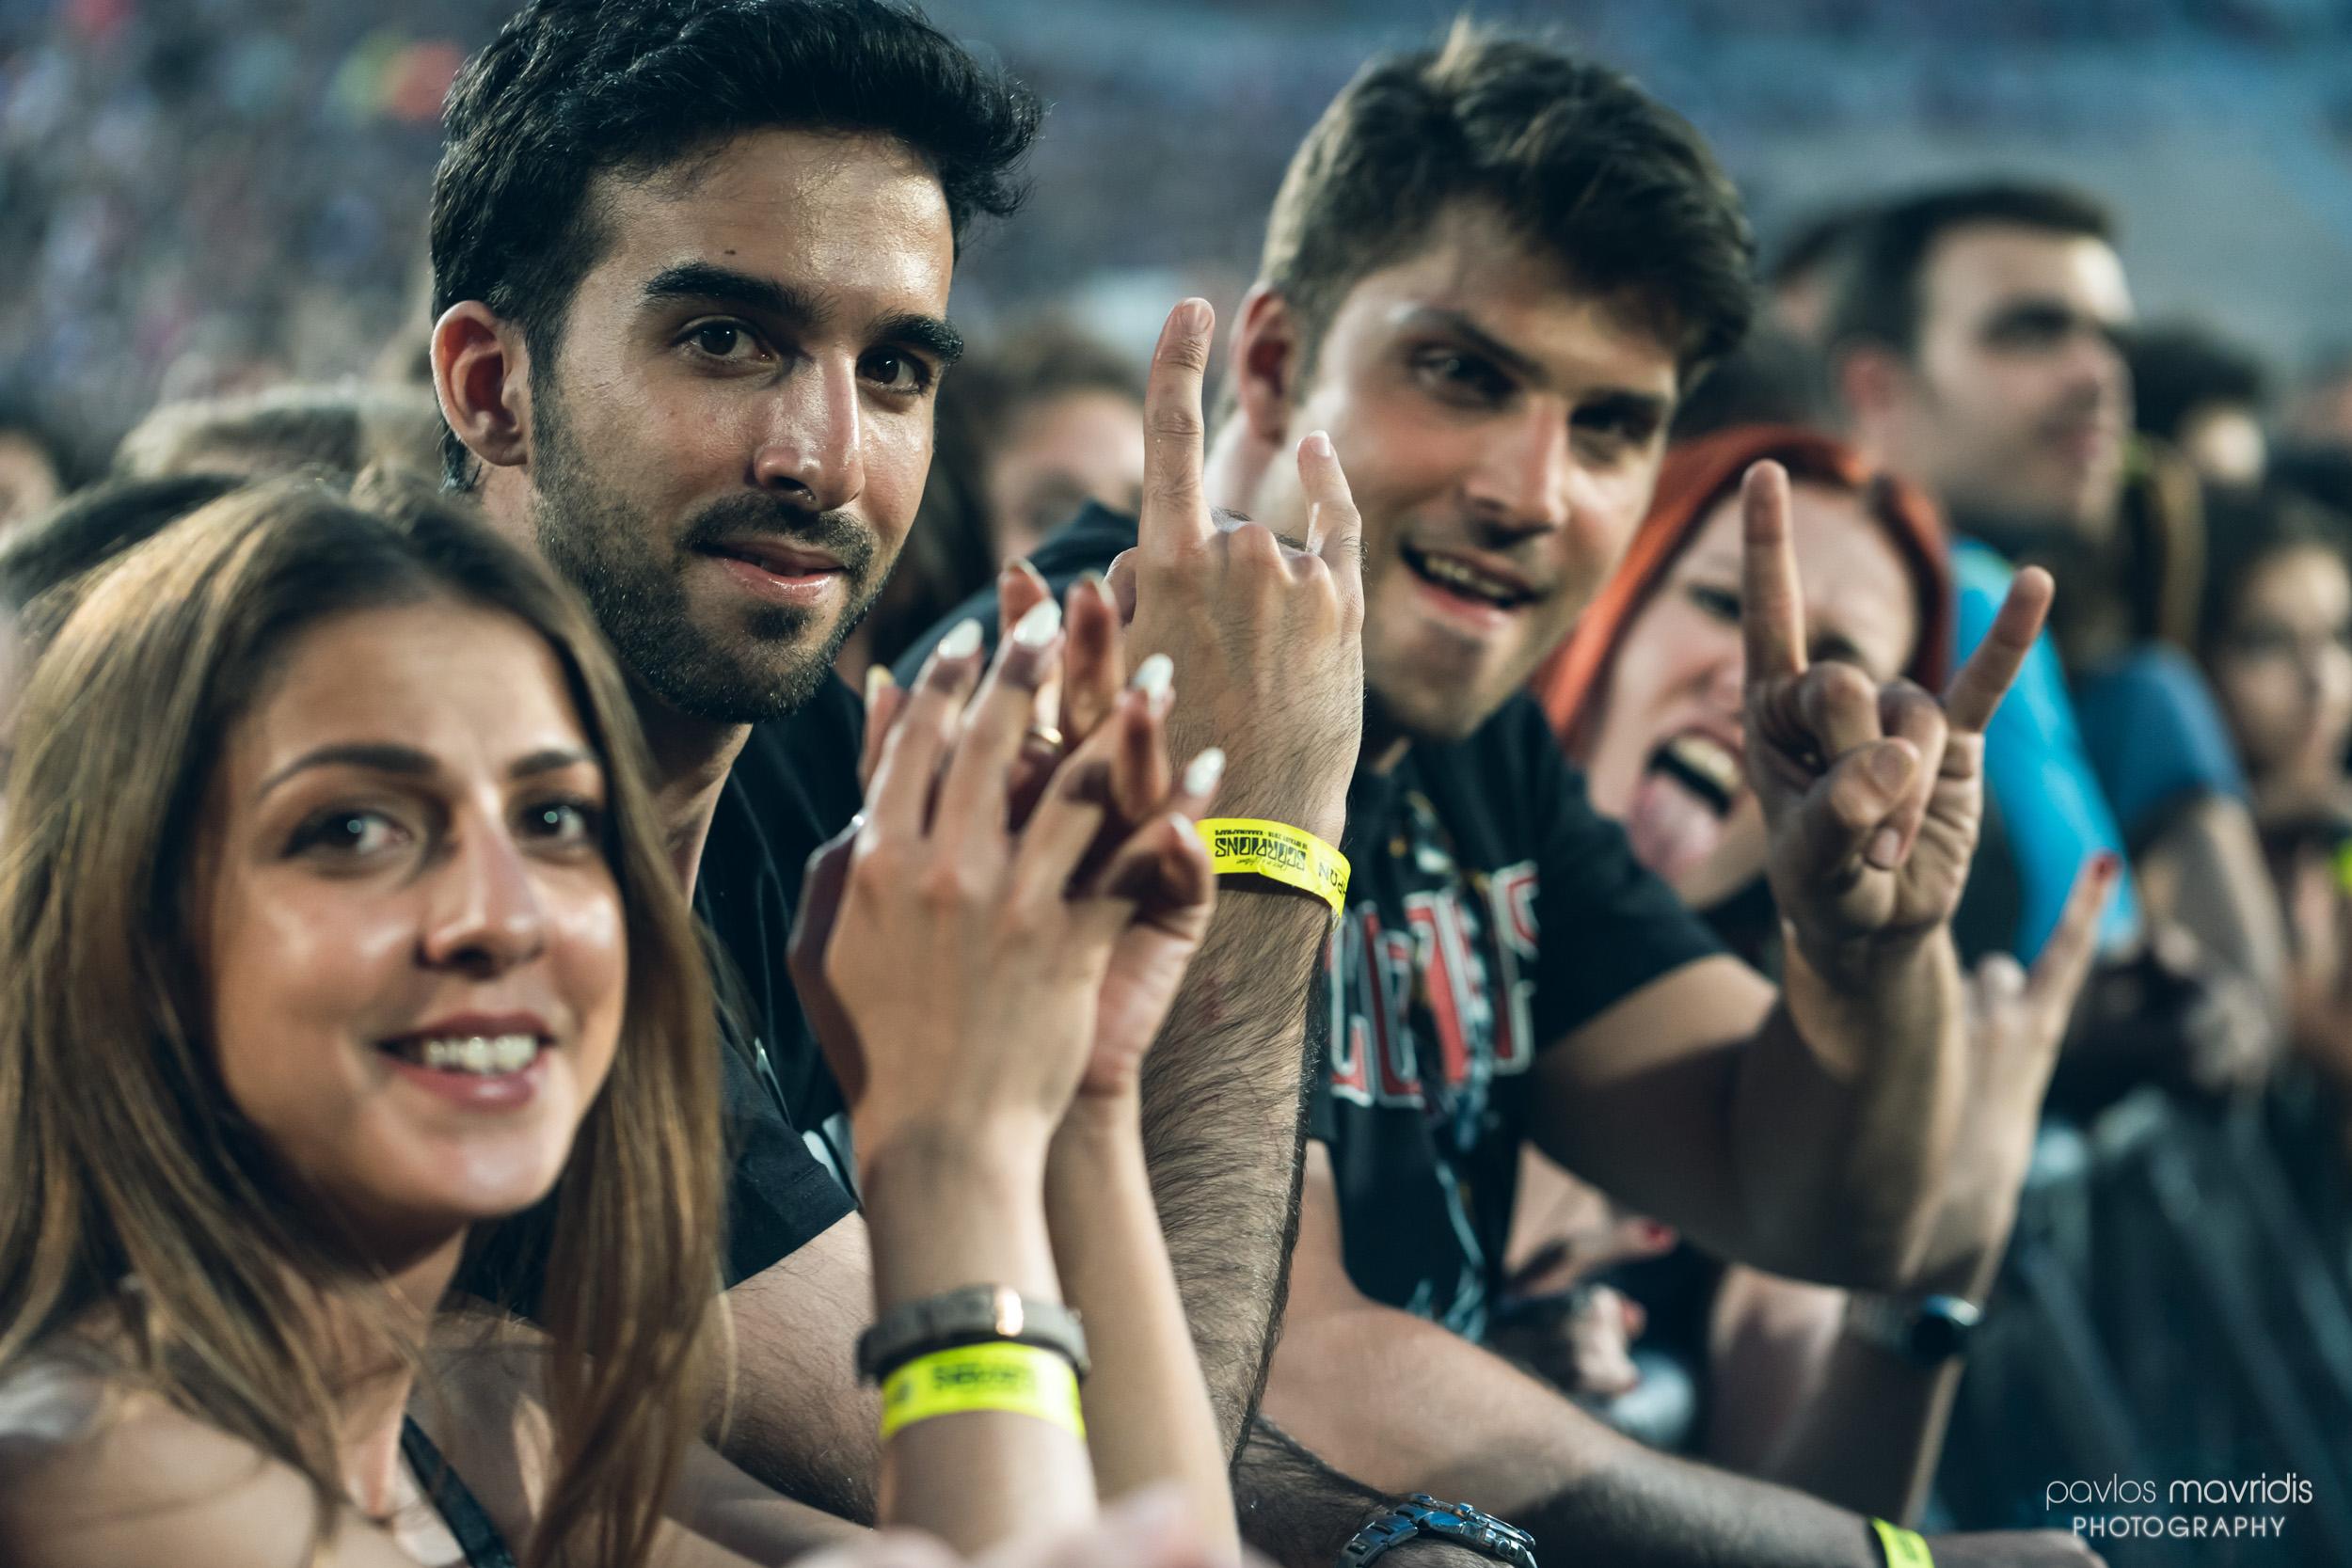 Scorpions_Panathenaic Stadium_33_hires.jpg